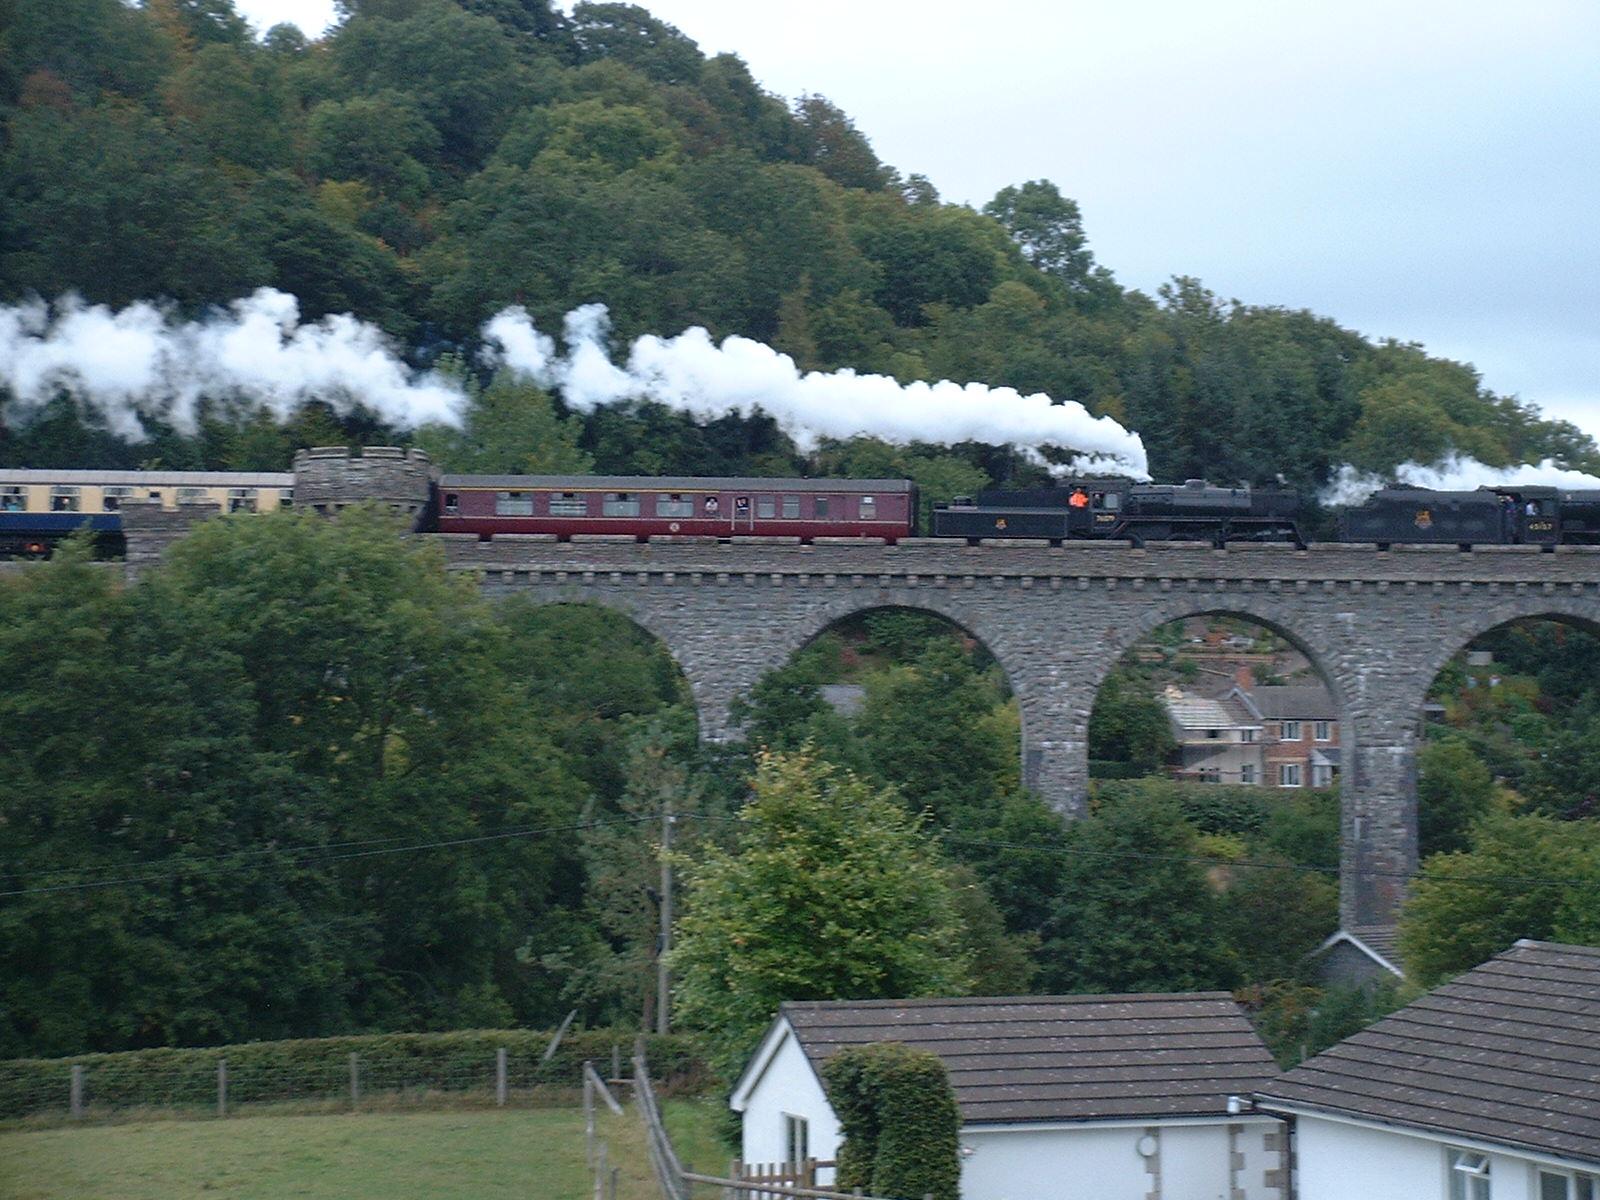 Steam on viaduct